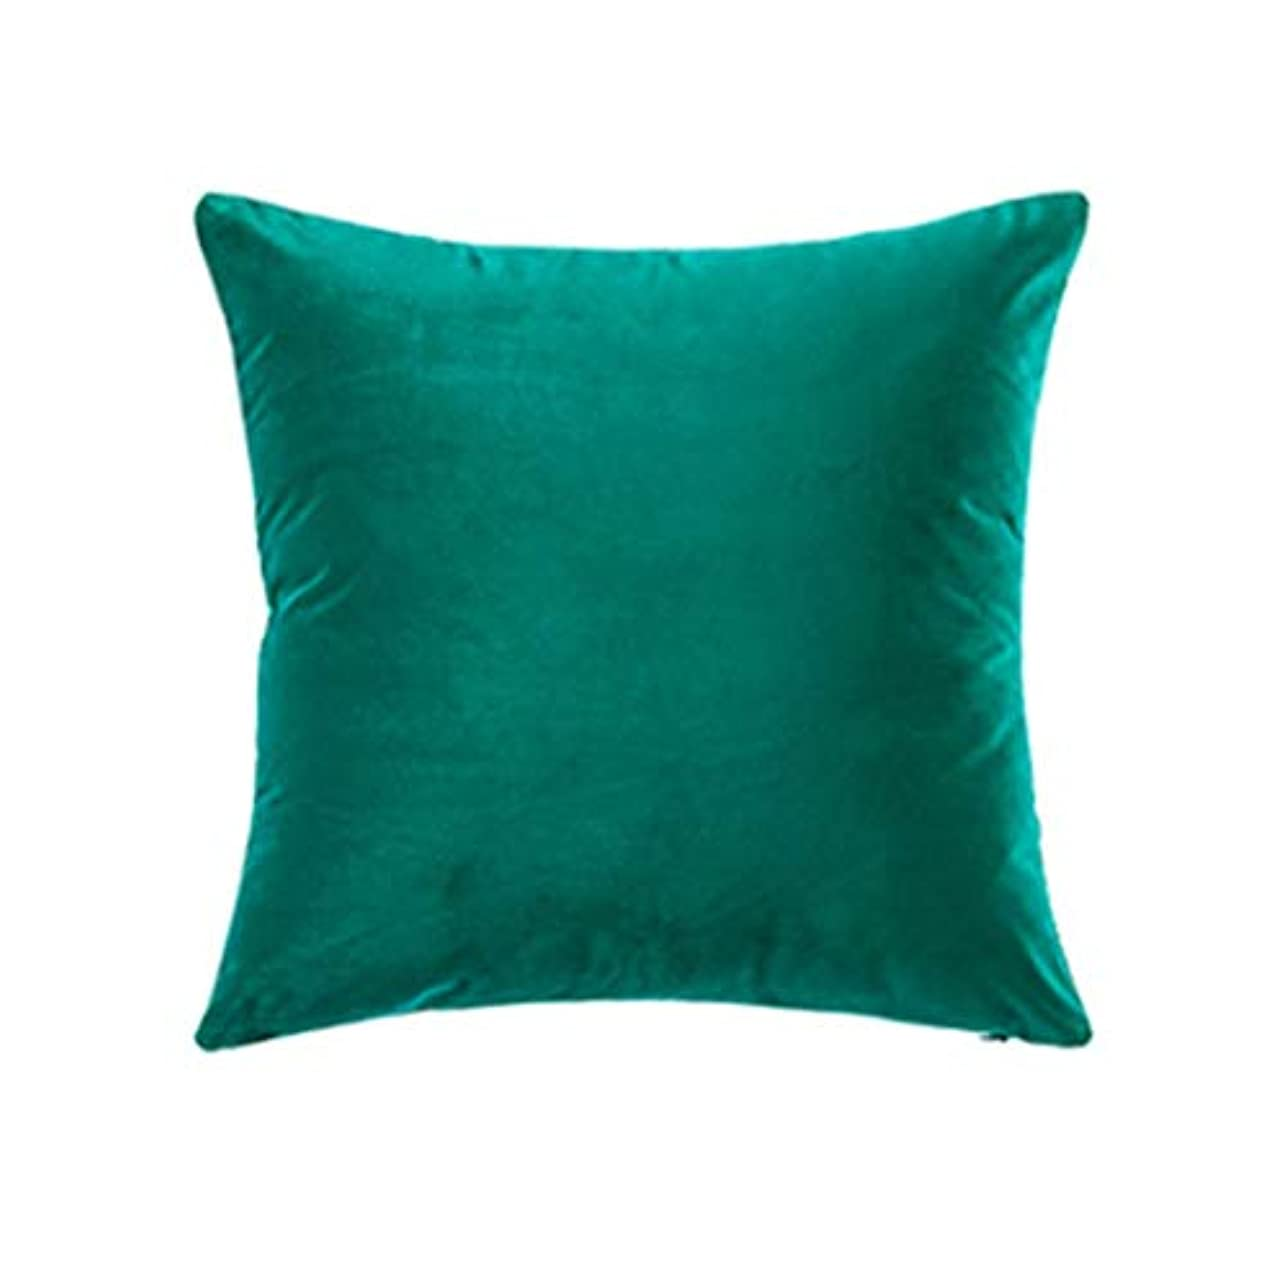 不変テレマコスカートン無地枕、装飾スロー枕ケースクッションベルベットクッション枕18 X 18インチ、1つのピースカバー,Green6